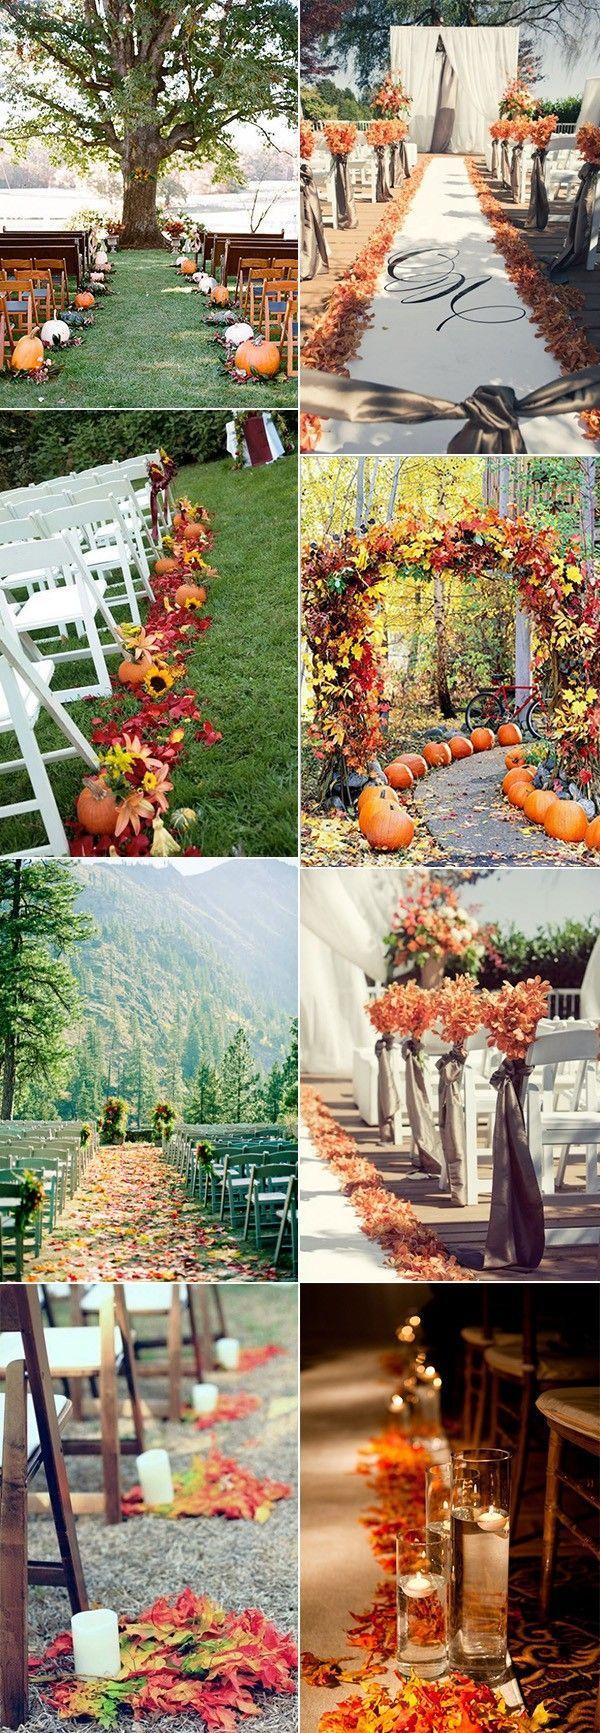 60 Stunning Fall Wedding Ideas For 2020 In 2020 Wedding Aisle Decorations Fall Wedding Decorations Wedding Decorations